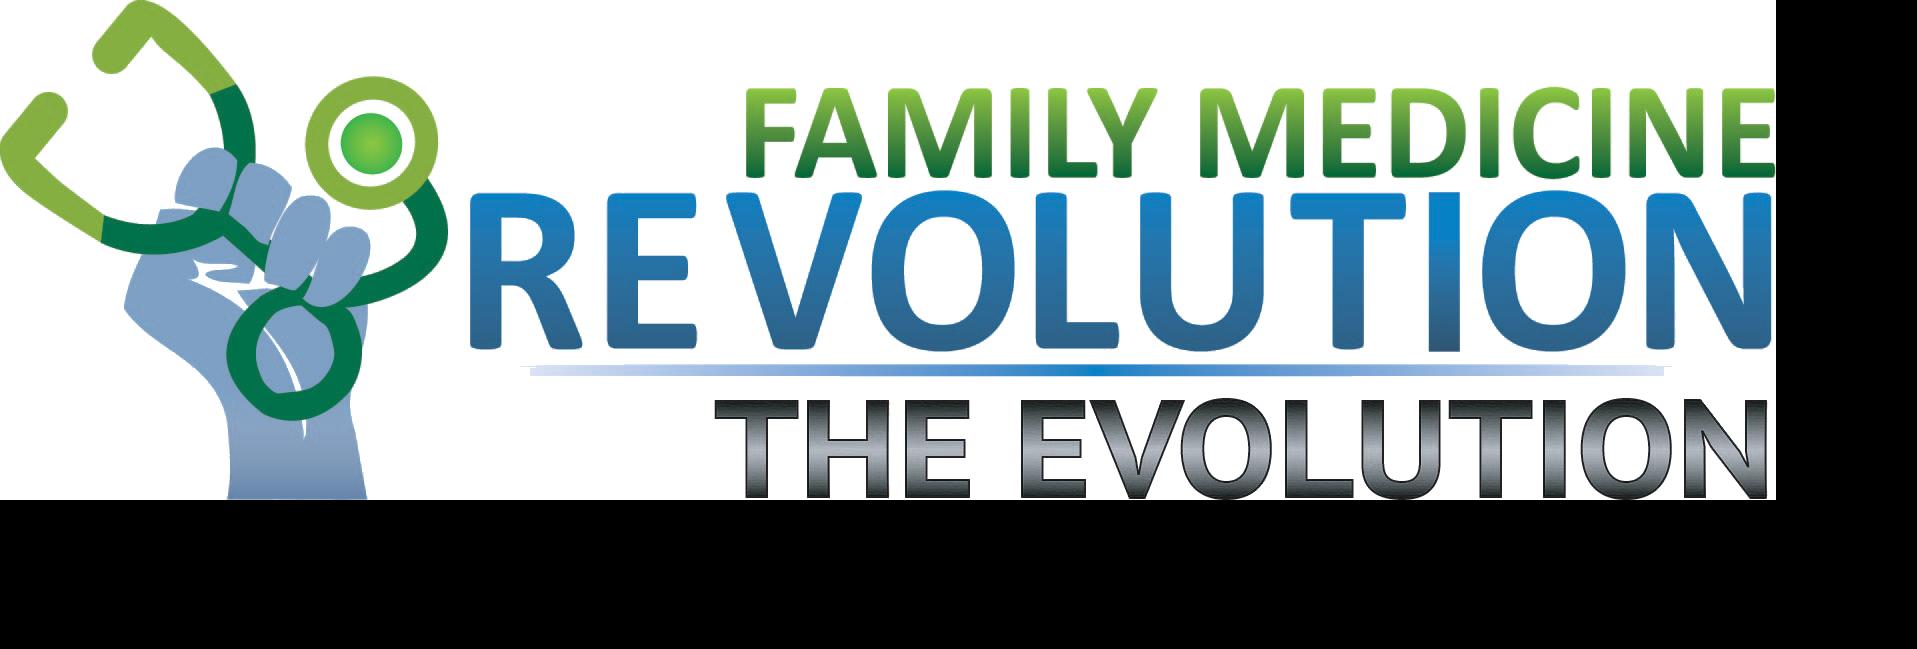 link to FMRevolution.org